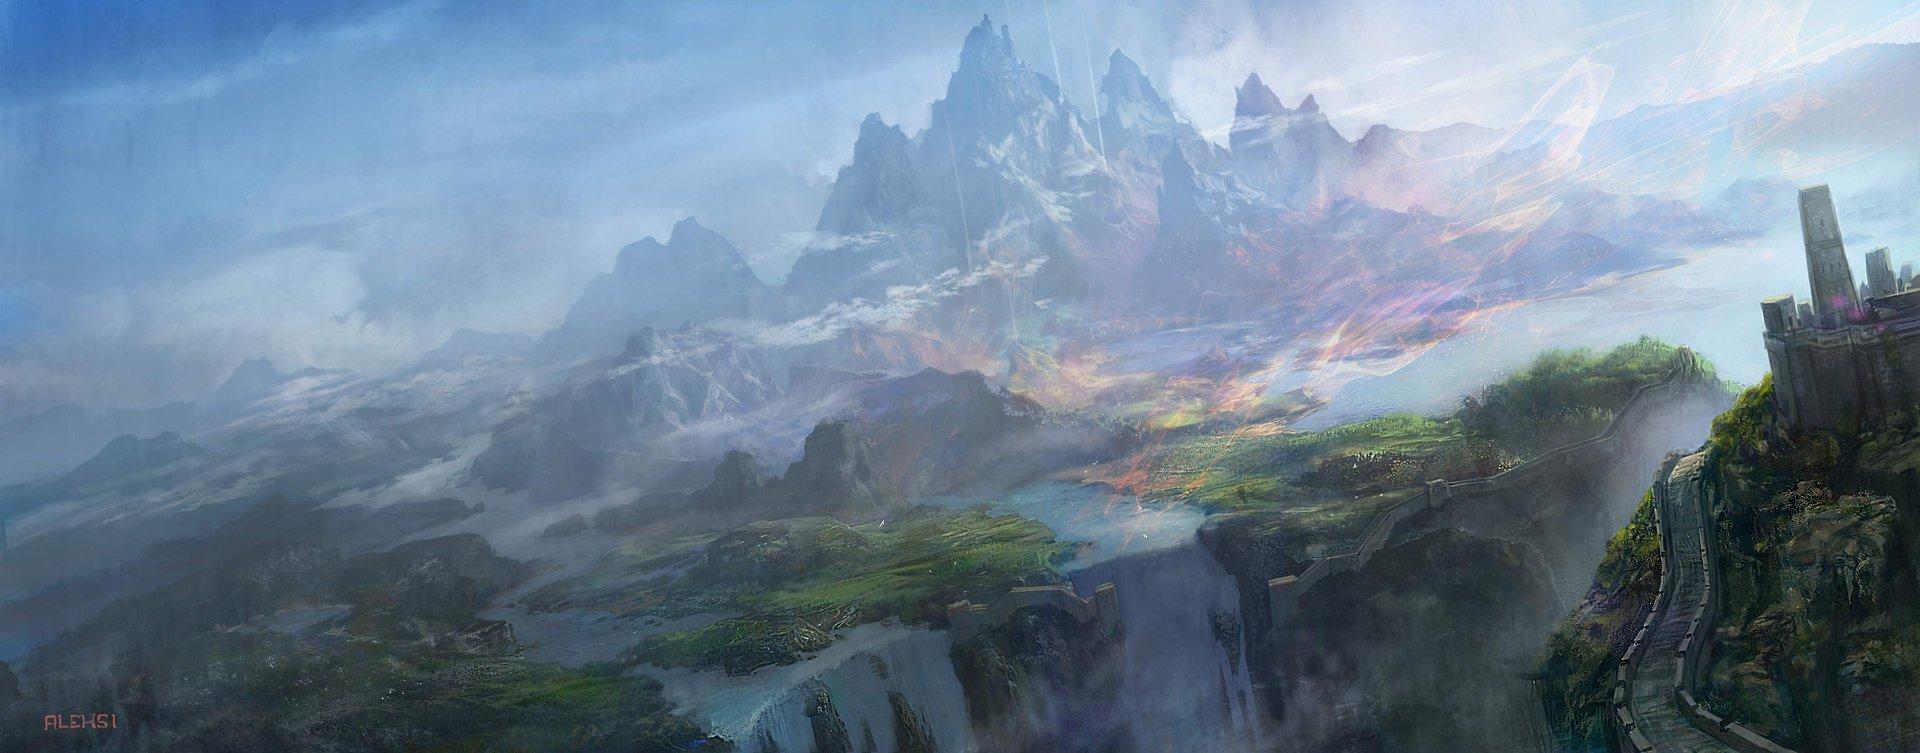 Mount Celestia